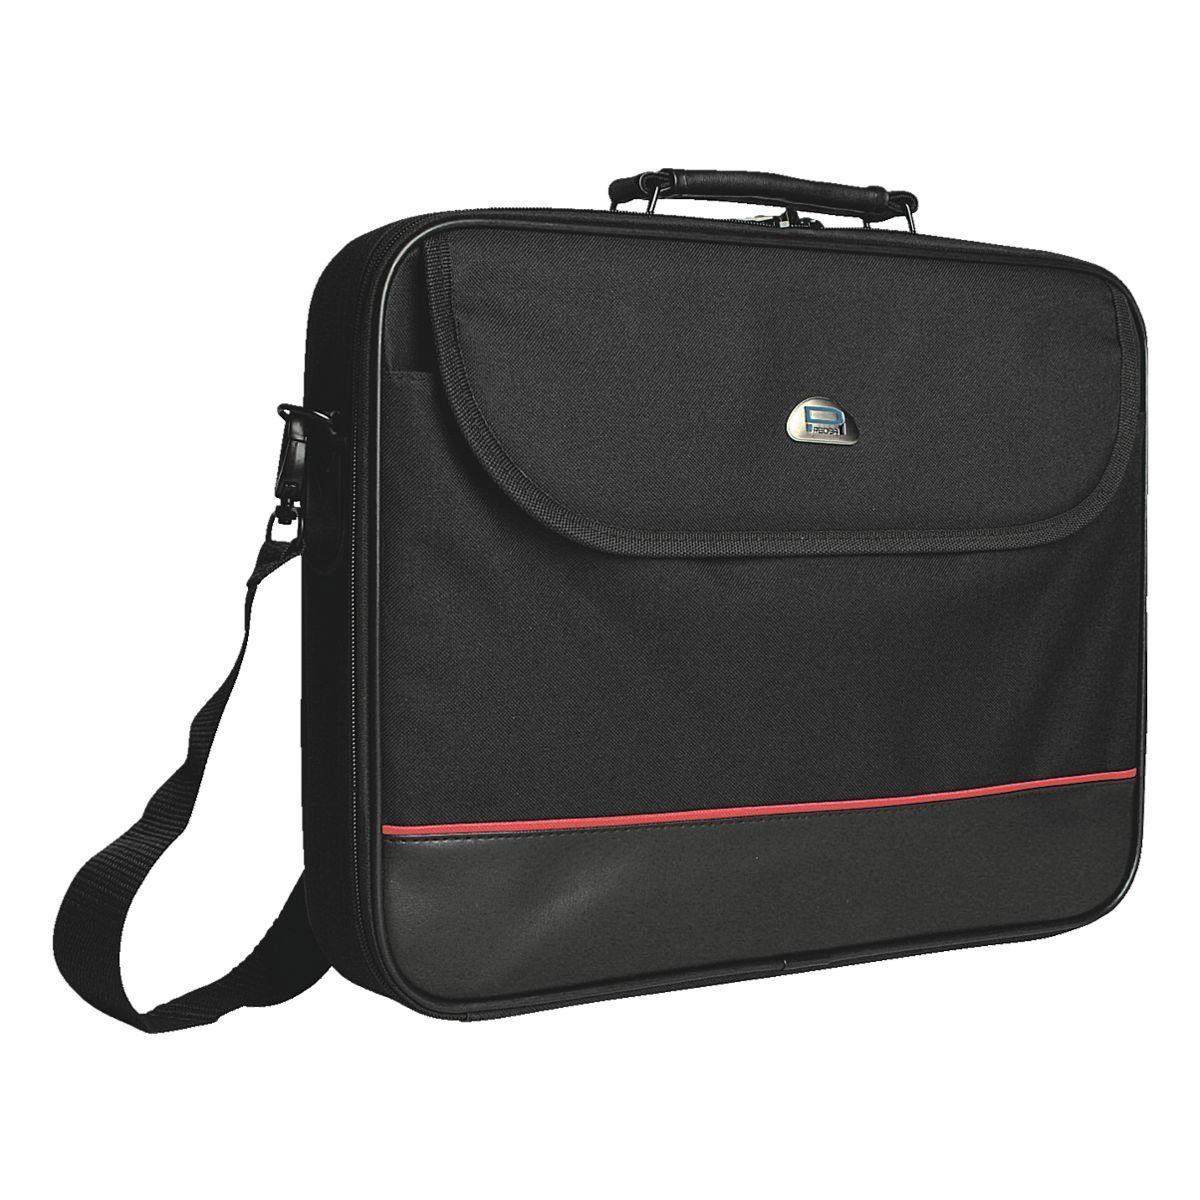 PEDEA Laptoptasche »Trendline«